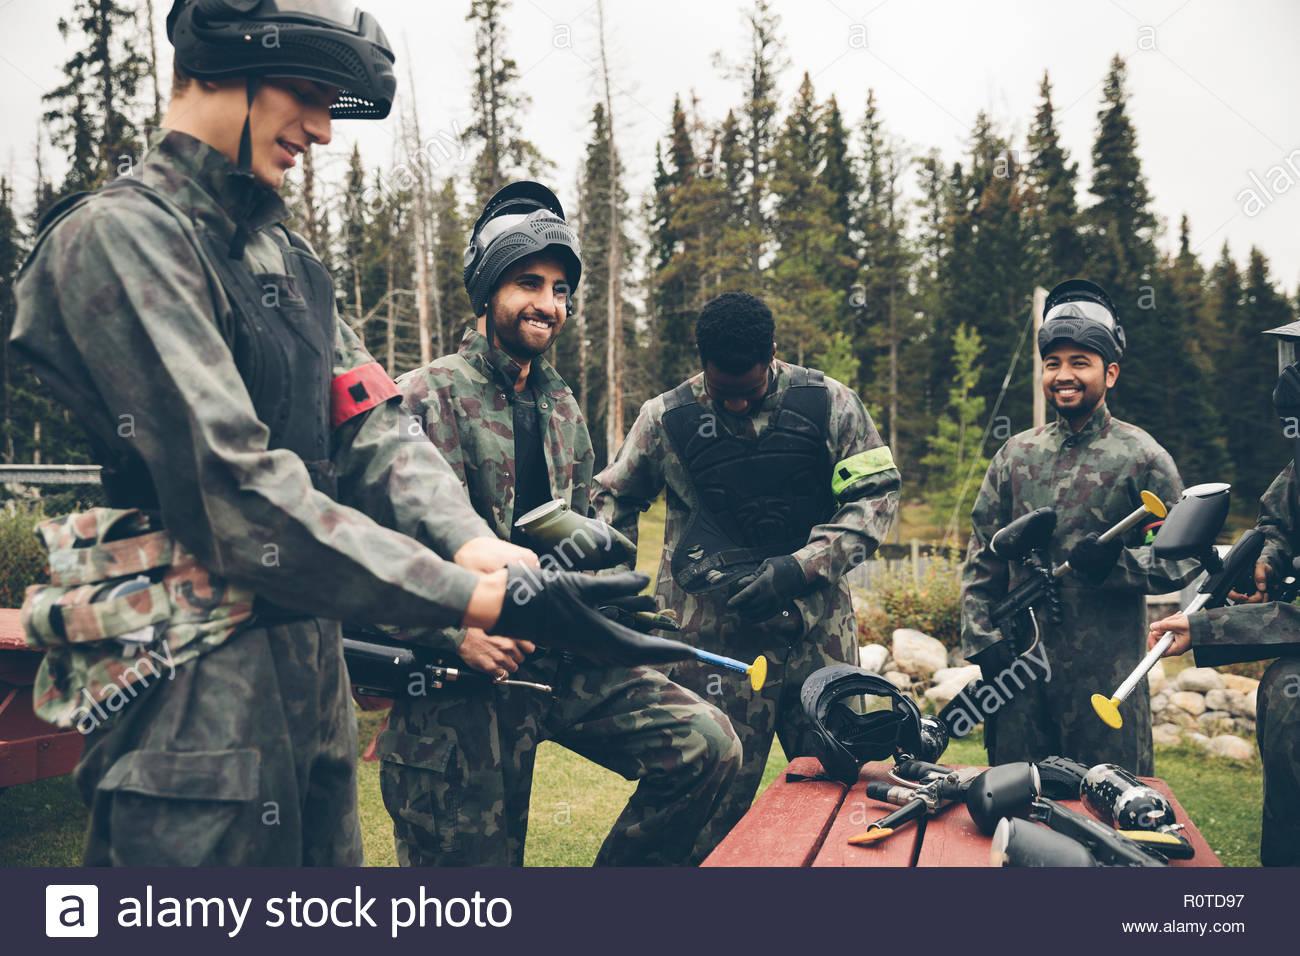 Freunde Ausrüstung vorbereiten für Paintball Stockbild